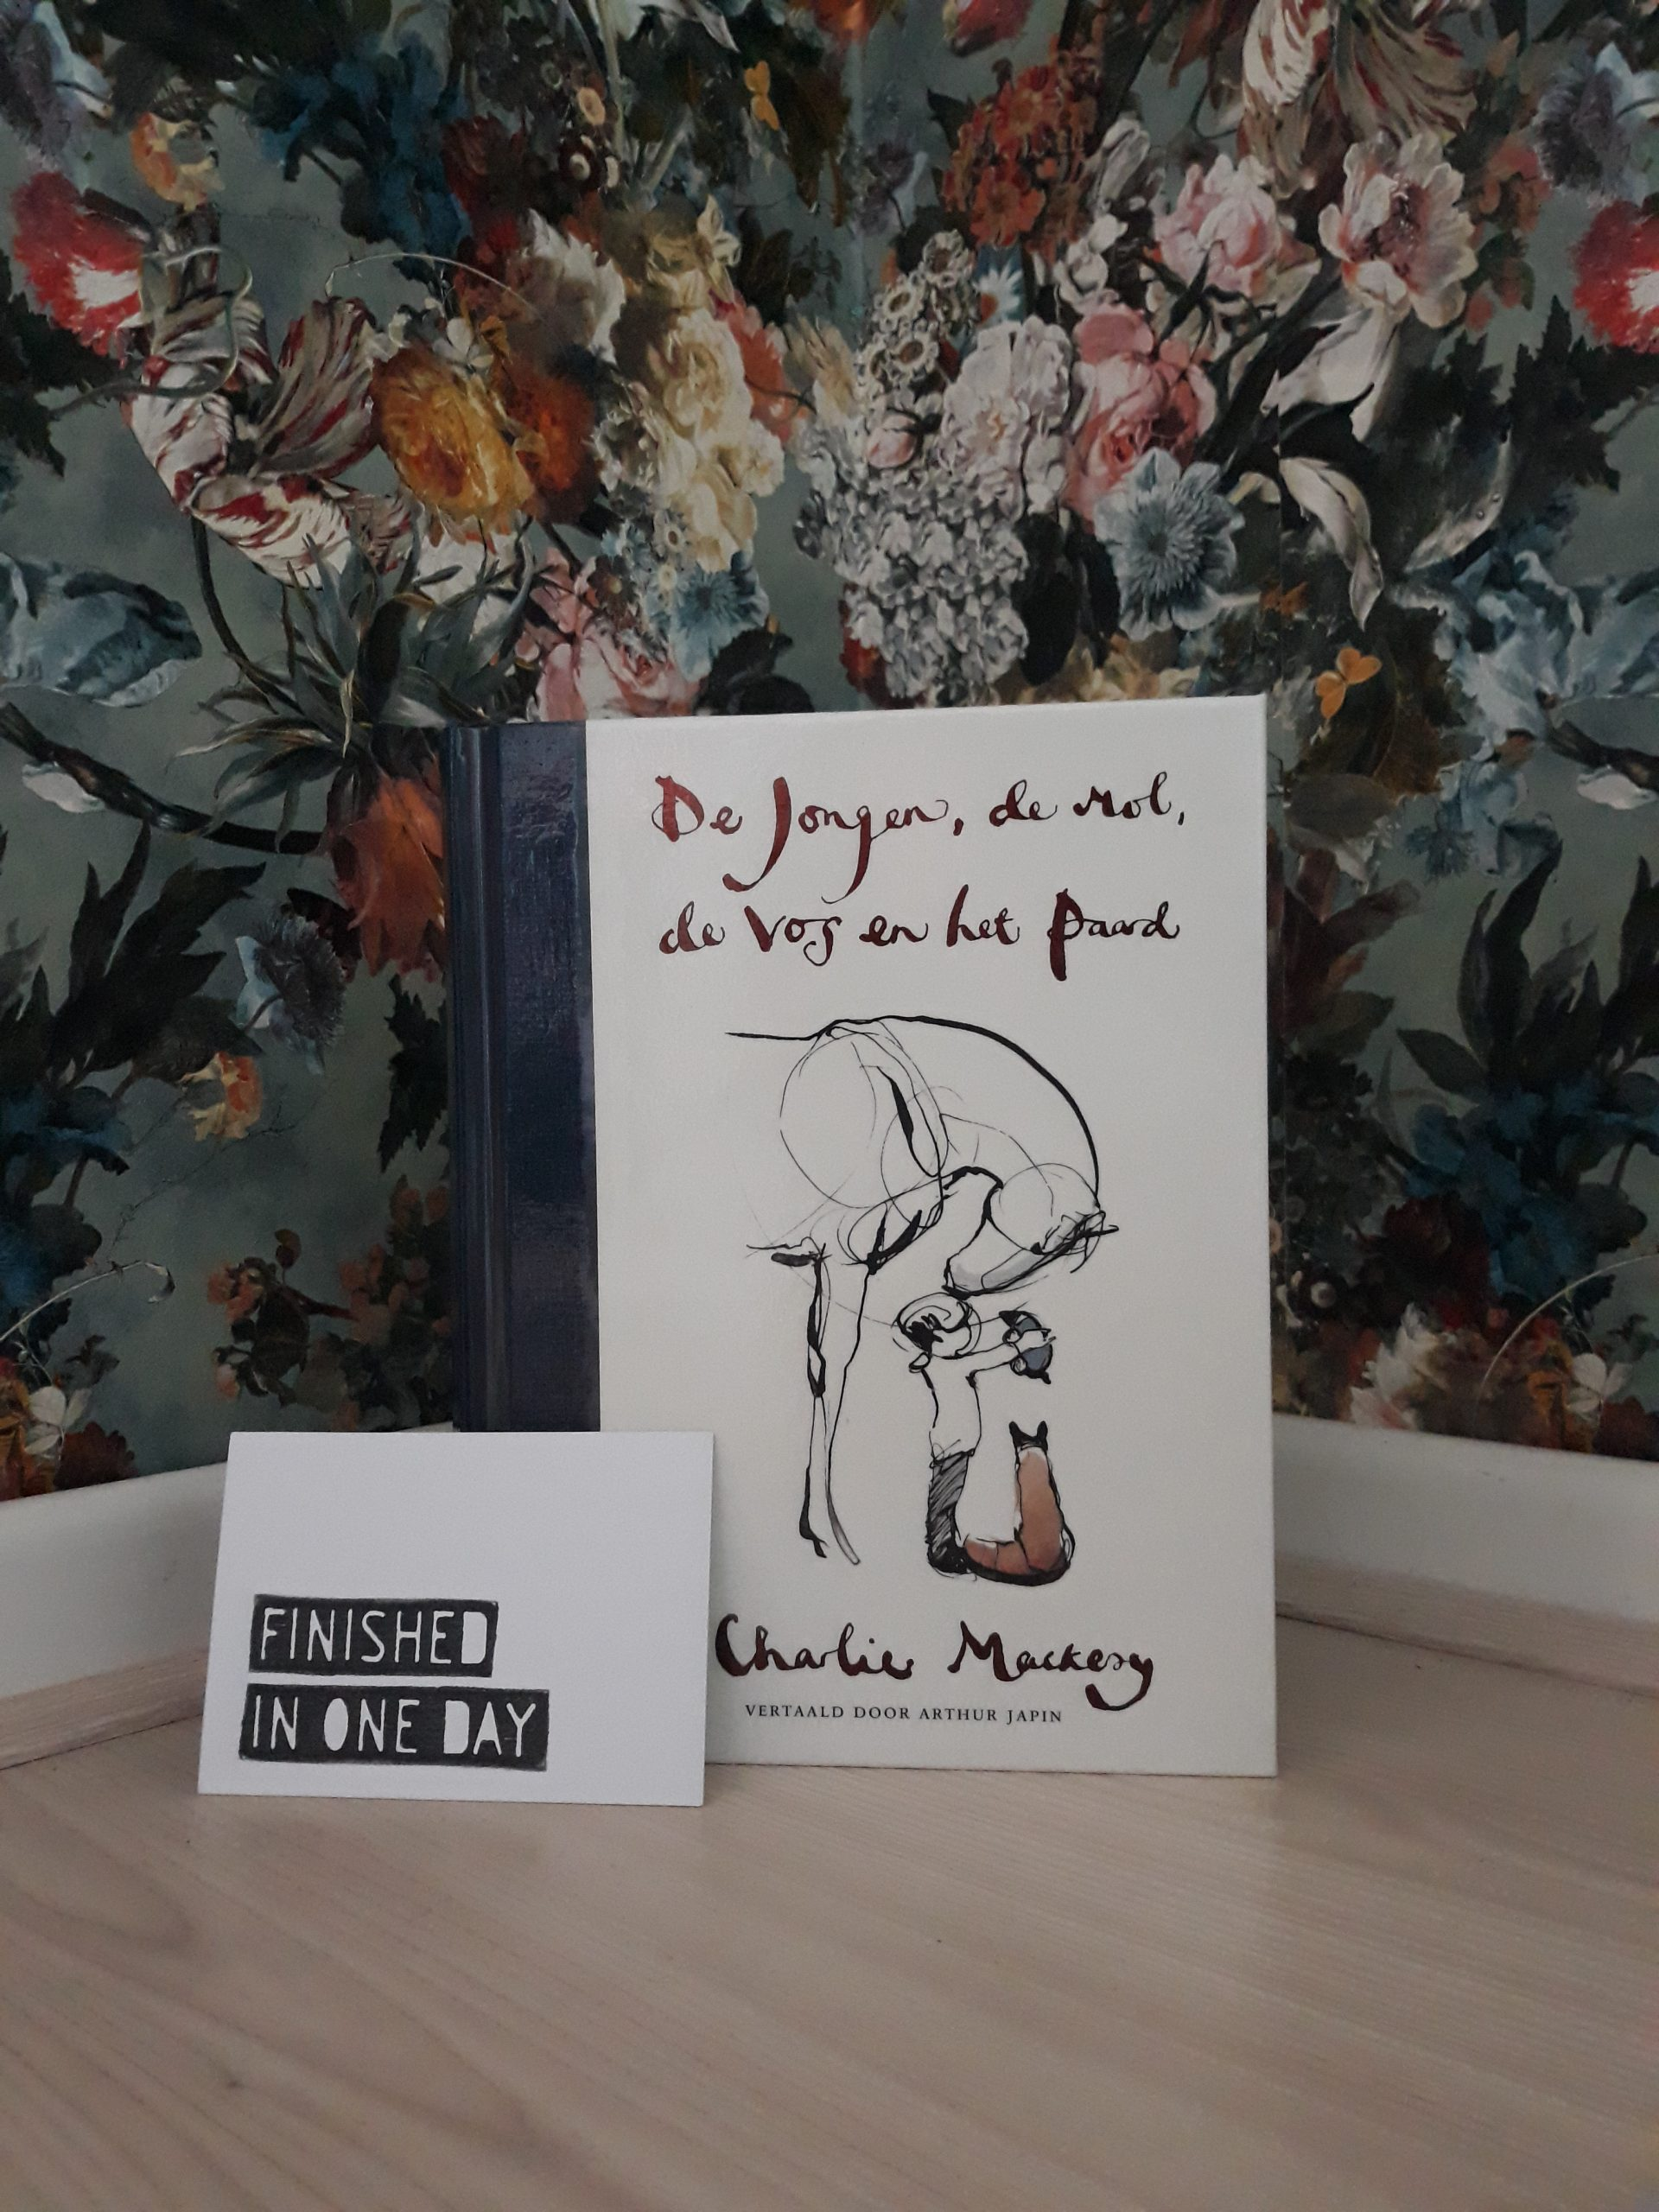 Boekrecensie: De jongen, de mol, de vos en het paard – Charles Mackesy